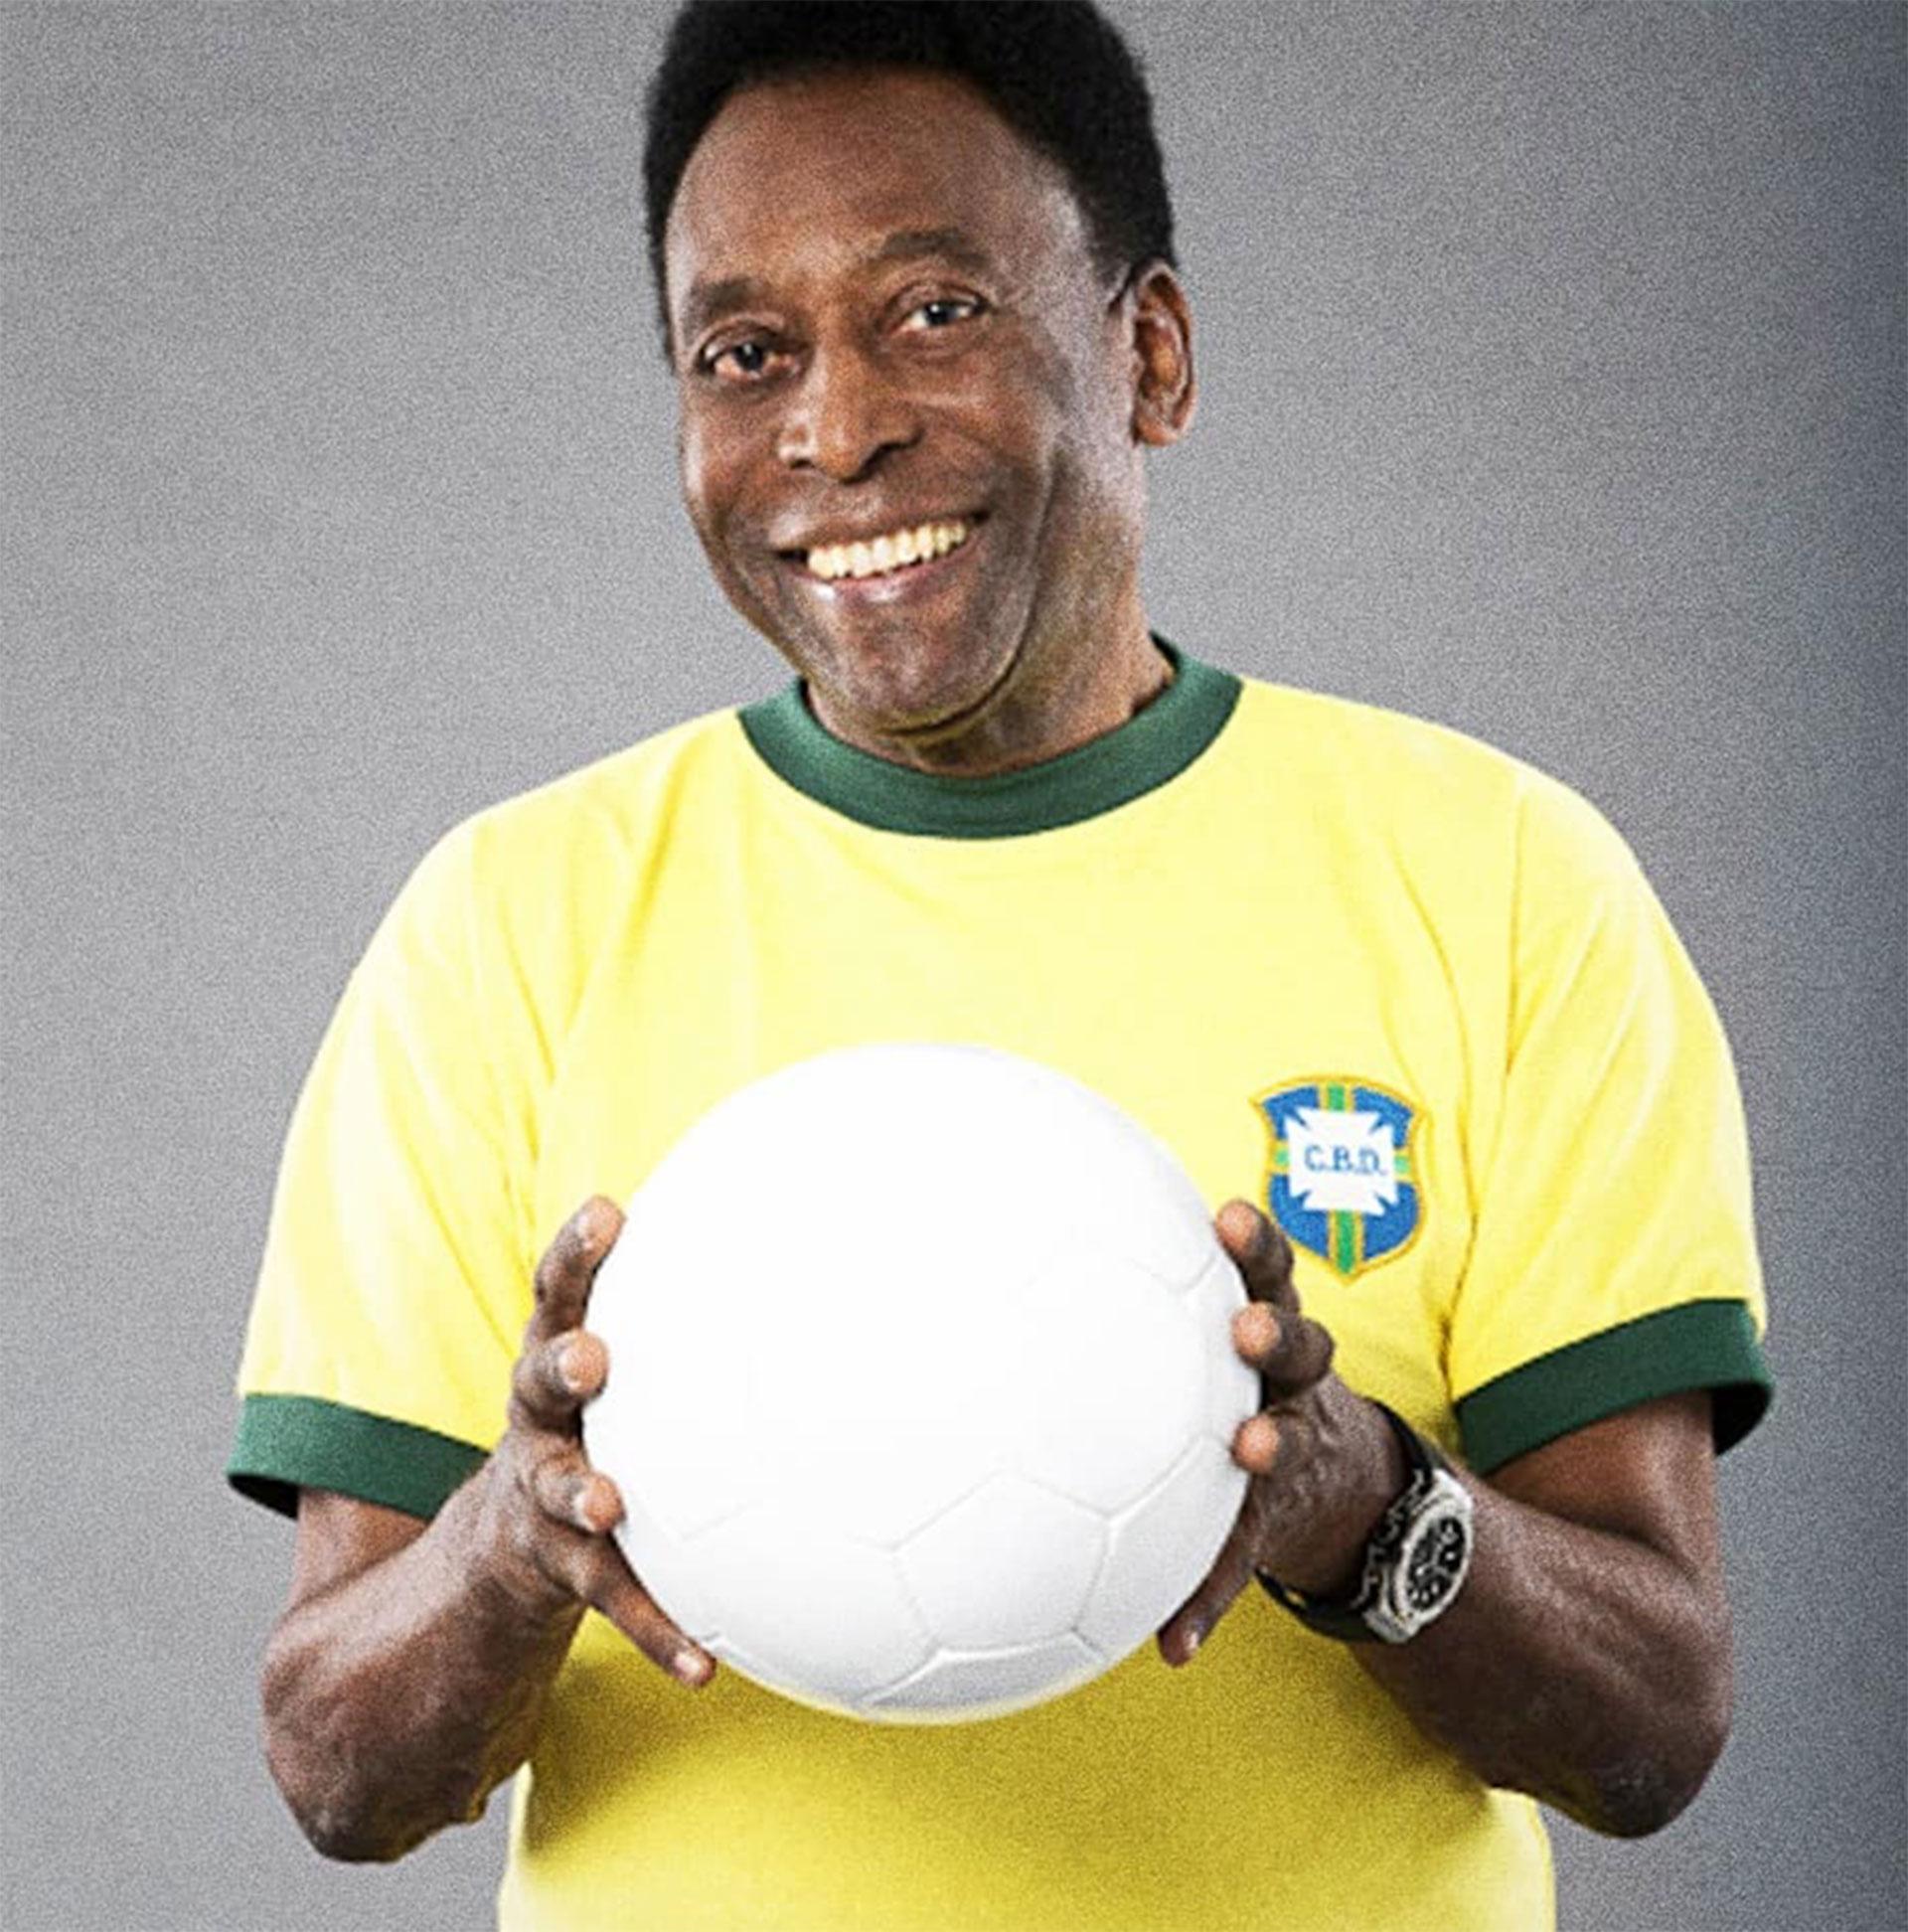 La salud de Edson Arantes do Nascimento, conocido mundialmente como Pelé, único jugador que ganó tres Mundiales, ha preocupado en los últimos años. (Foto: Instagram)